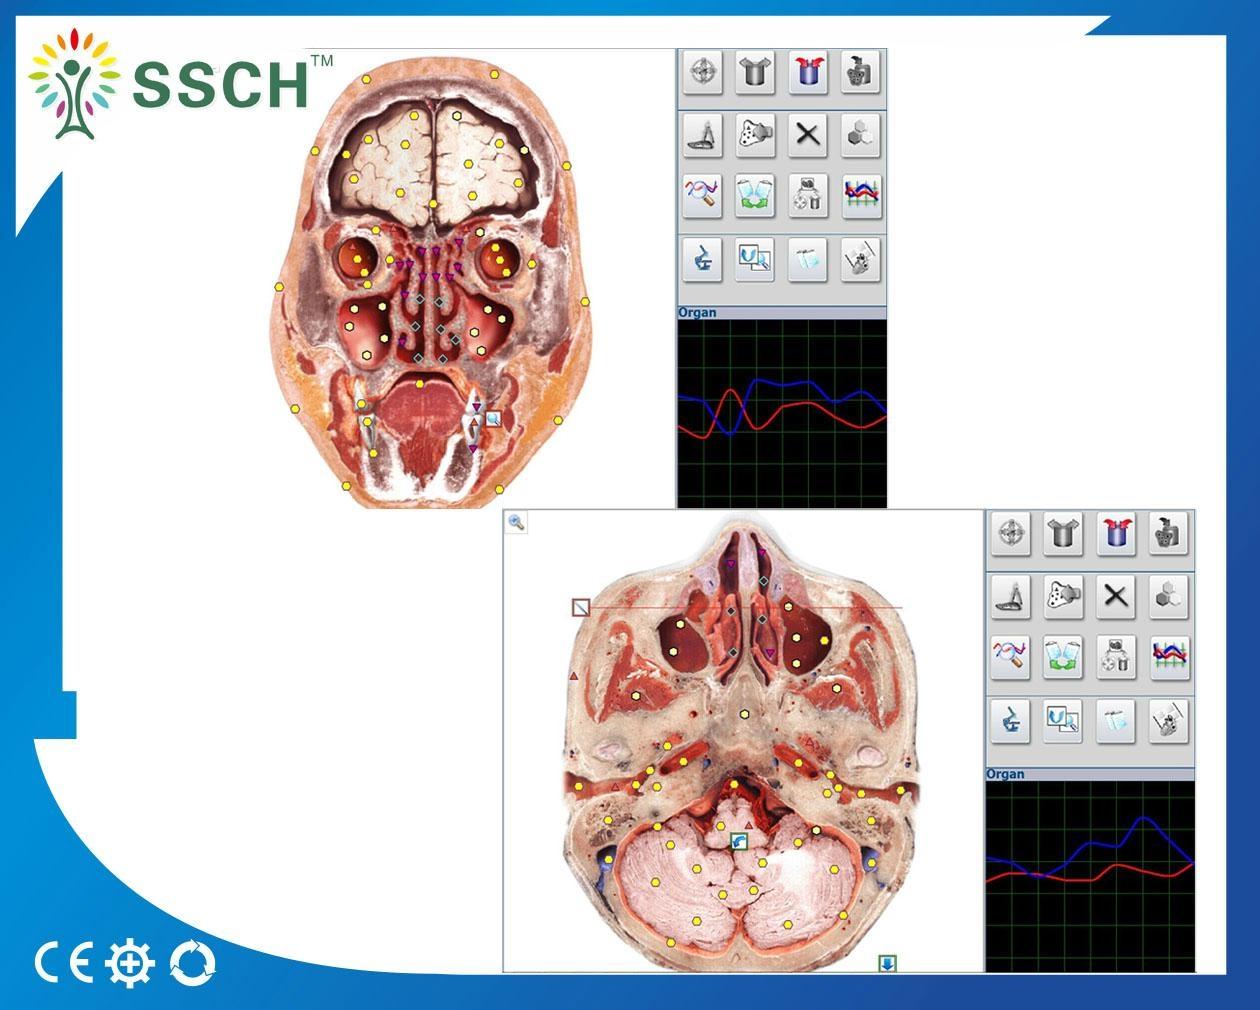 塔特隆獵人NLS系統卓瑪4025*生物共振健康掃描和治療 1